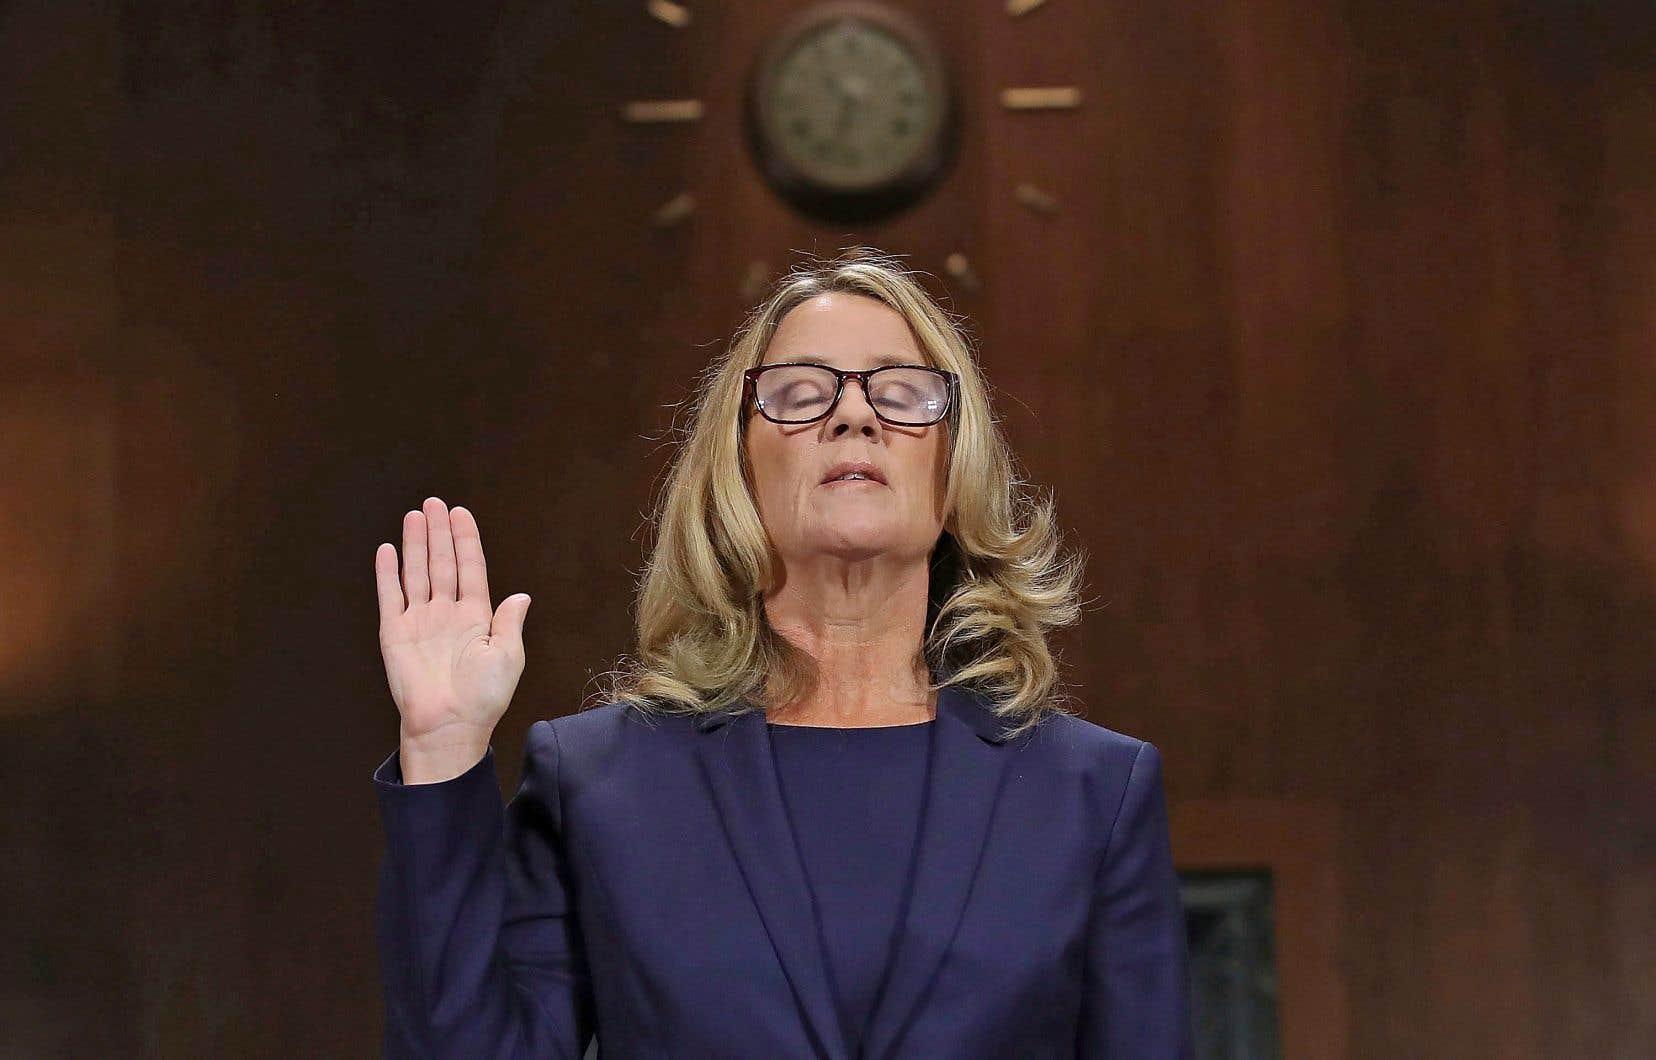 Christine Blasey Ford au moment de prêter serment avant d'entreprendre son témoignage devant le Sénat américain